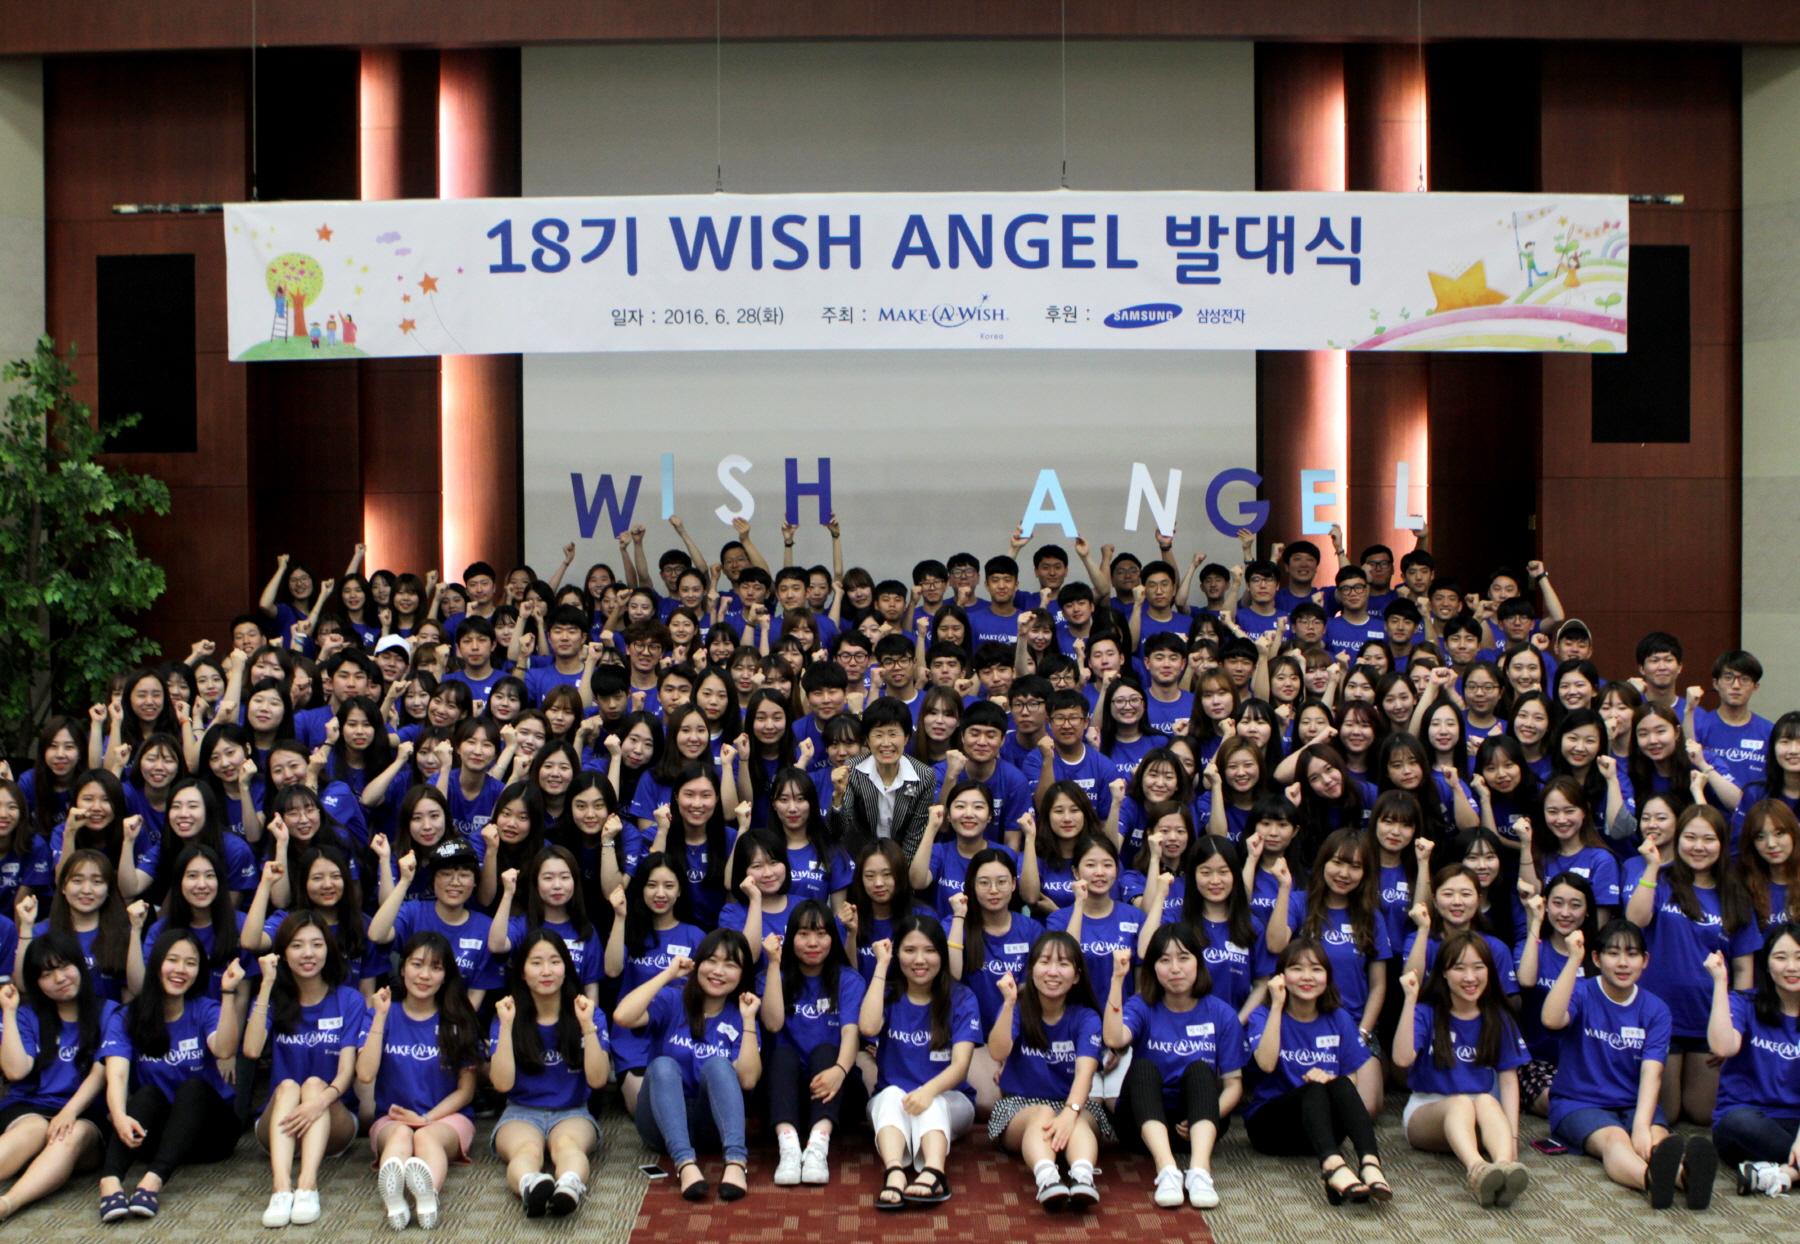 난치병 아동 소원 이뤄줄 대학생 봉사단 발대식 열려